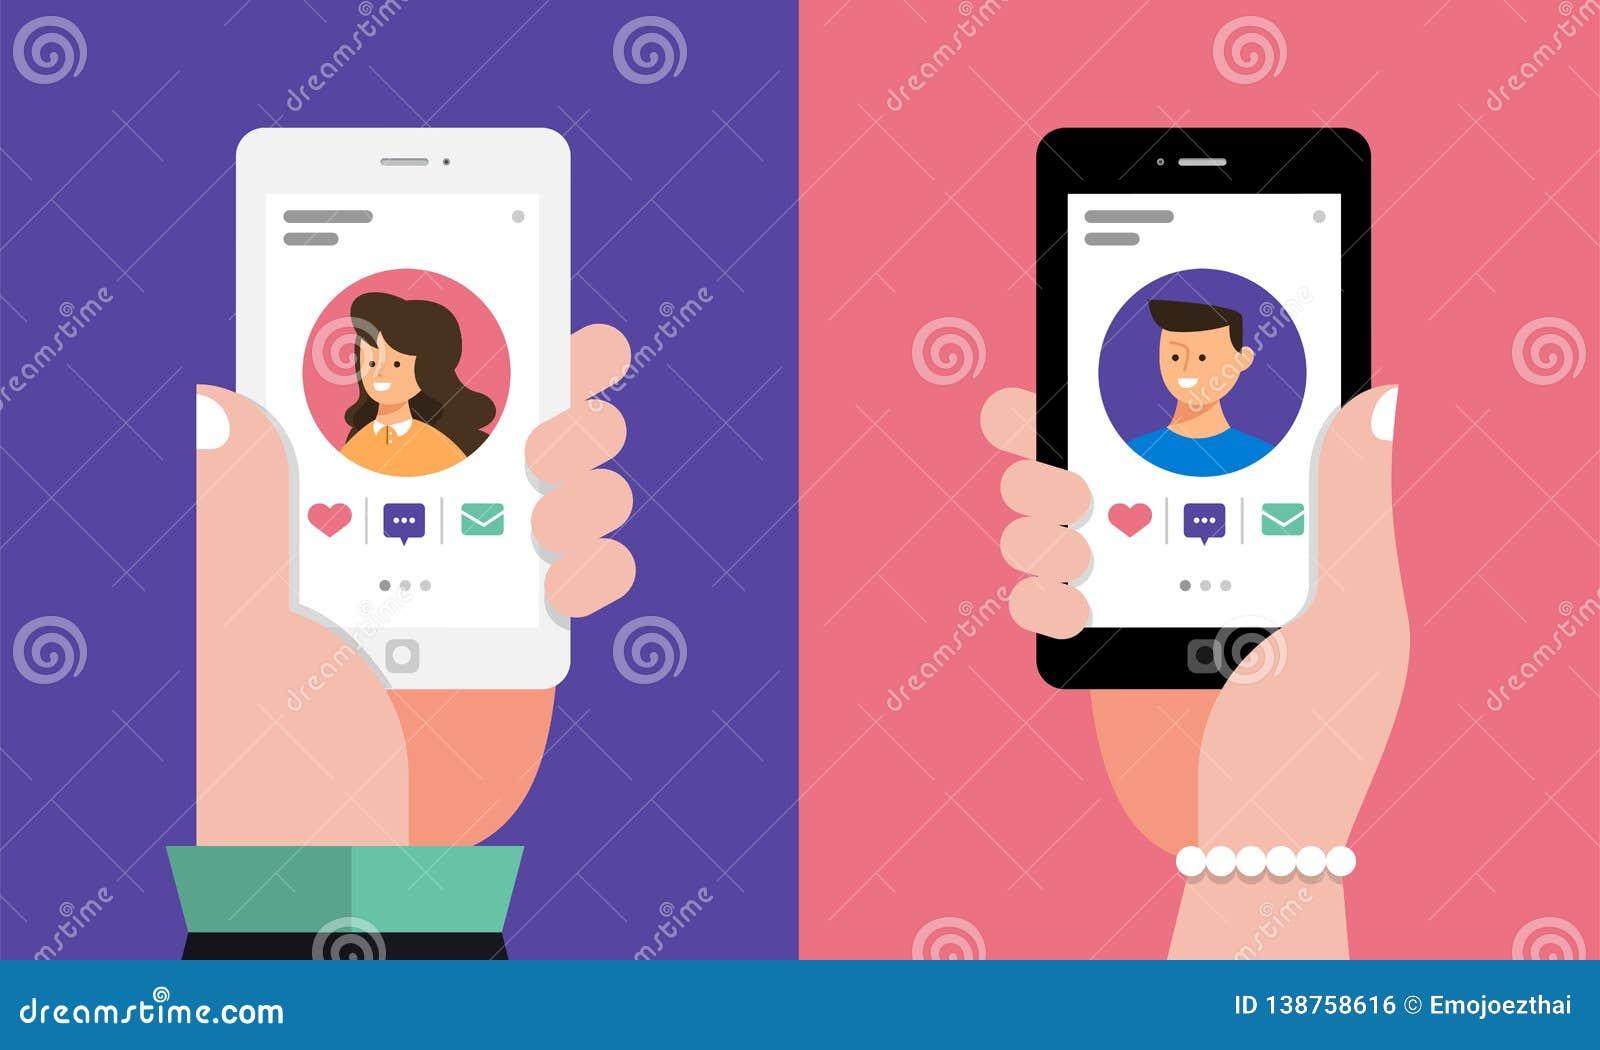 mobil chat dating bedste internet dating site i Australien